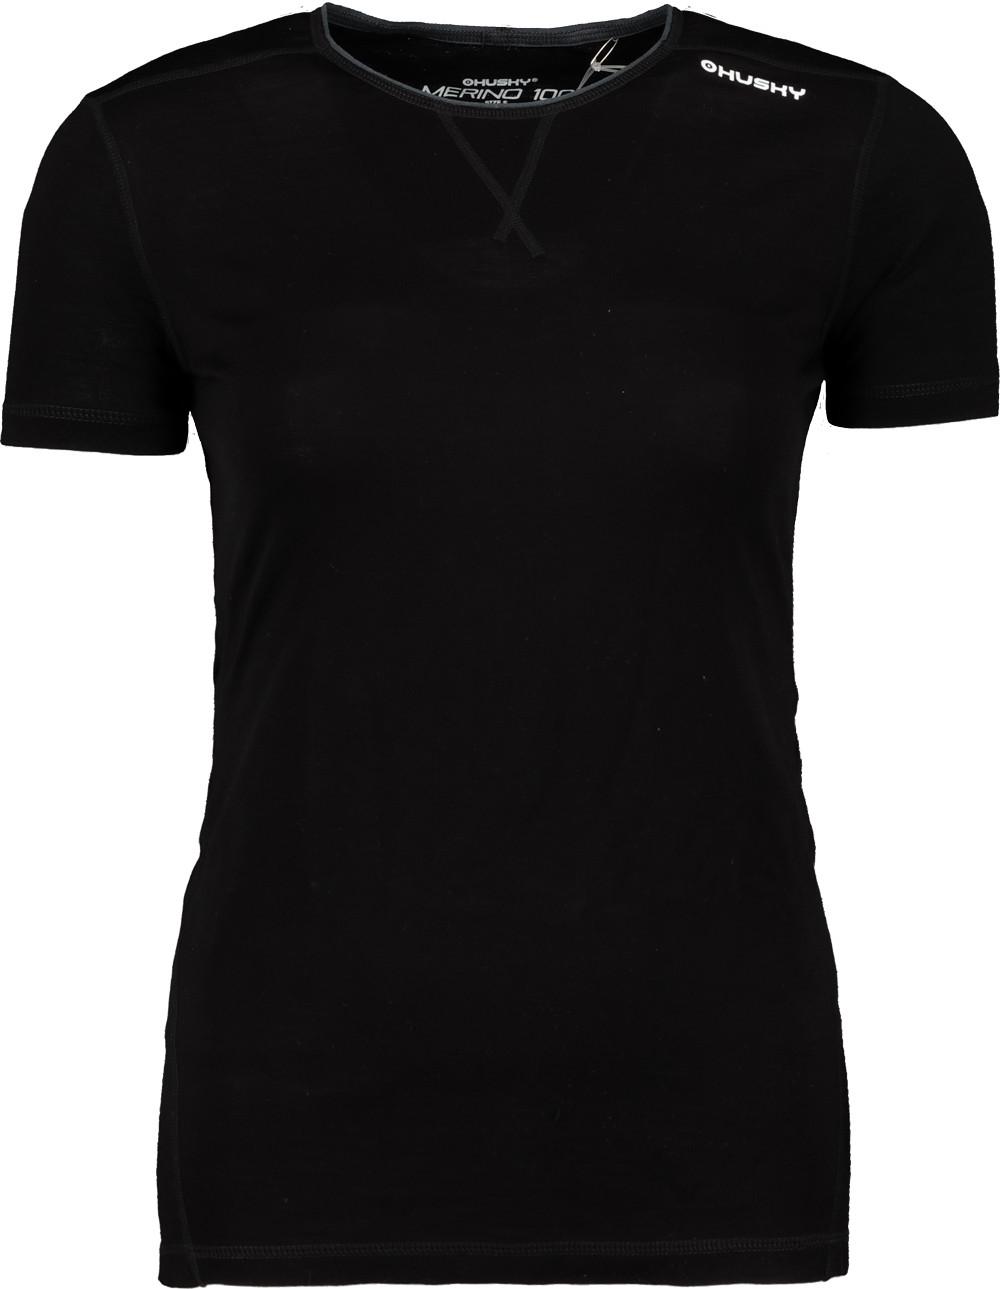 Women's thermo t-shirt HUSKY MERINO 100